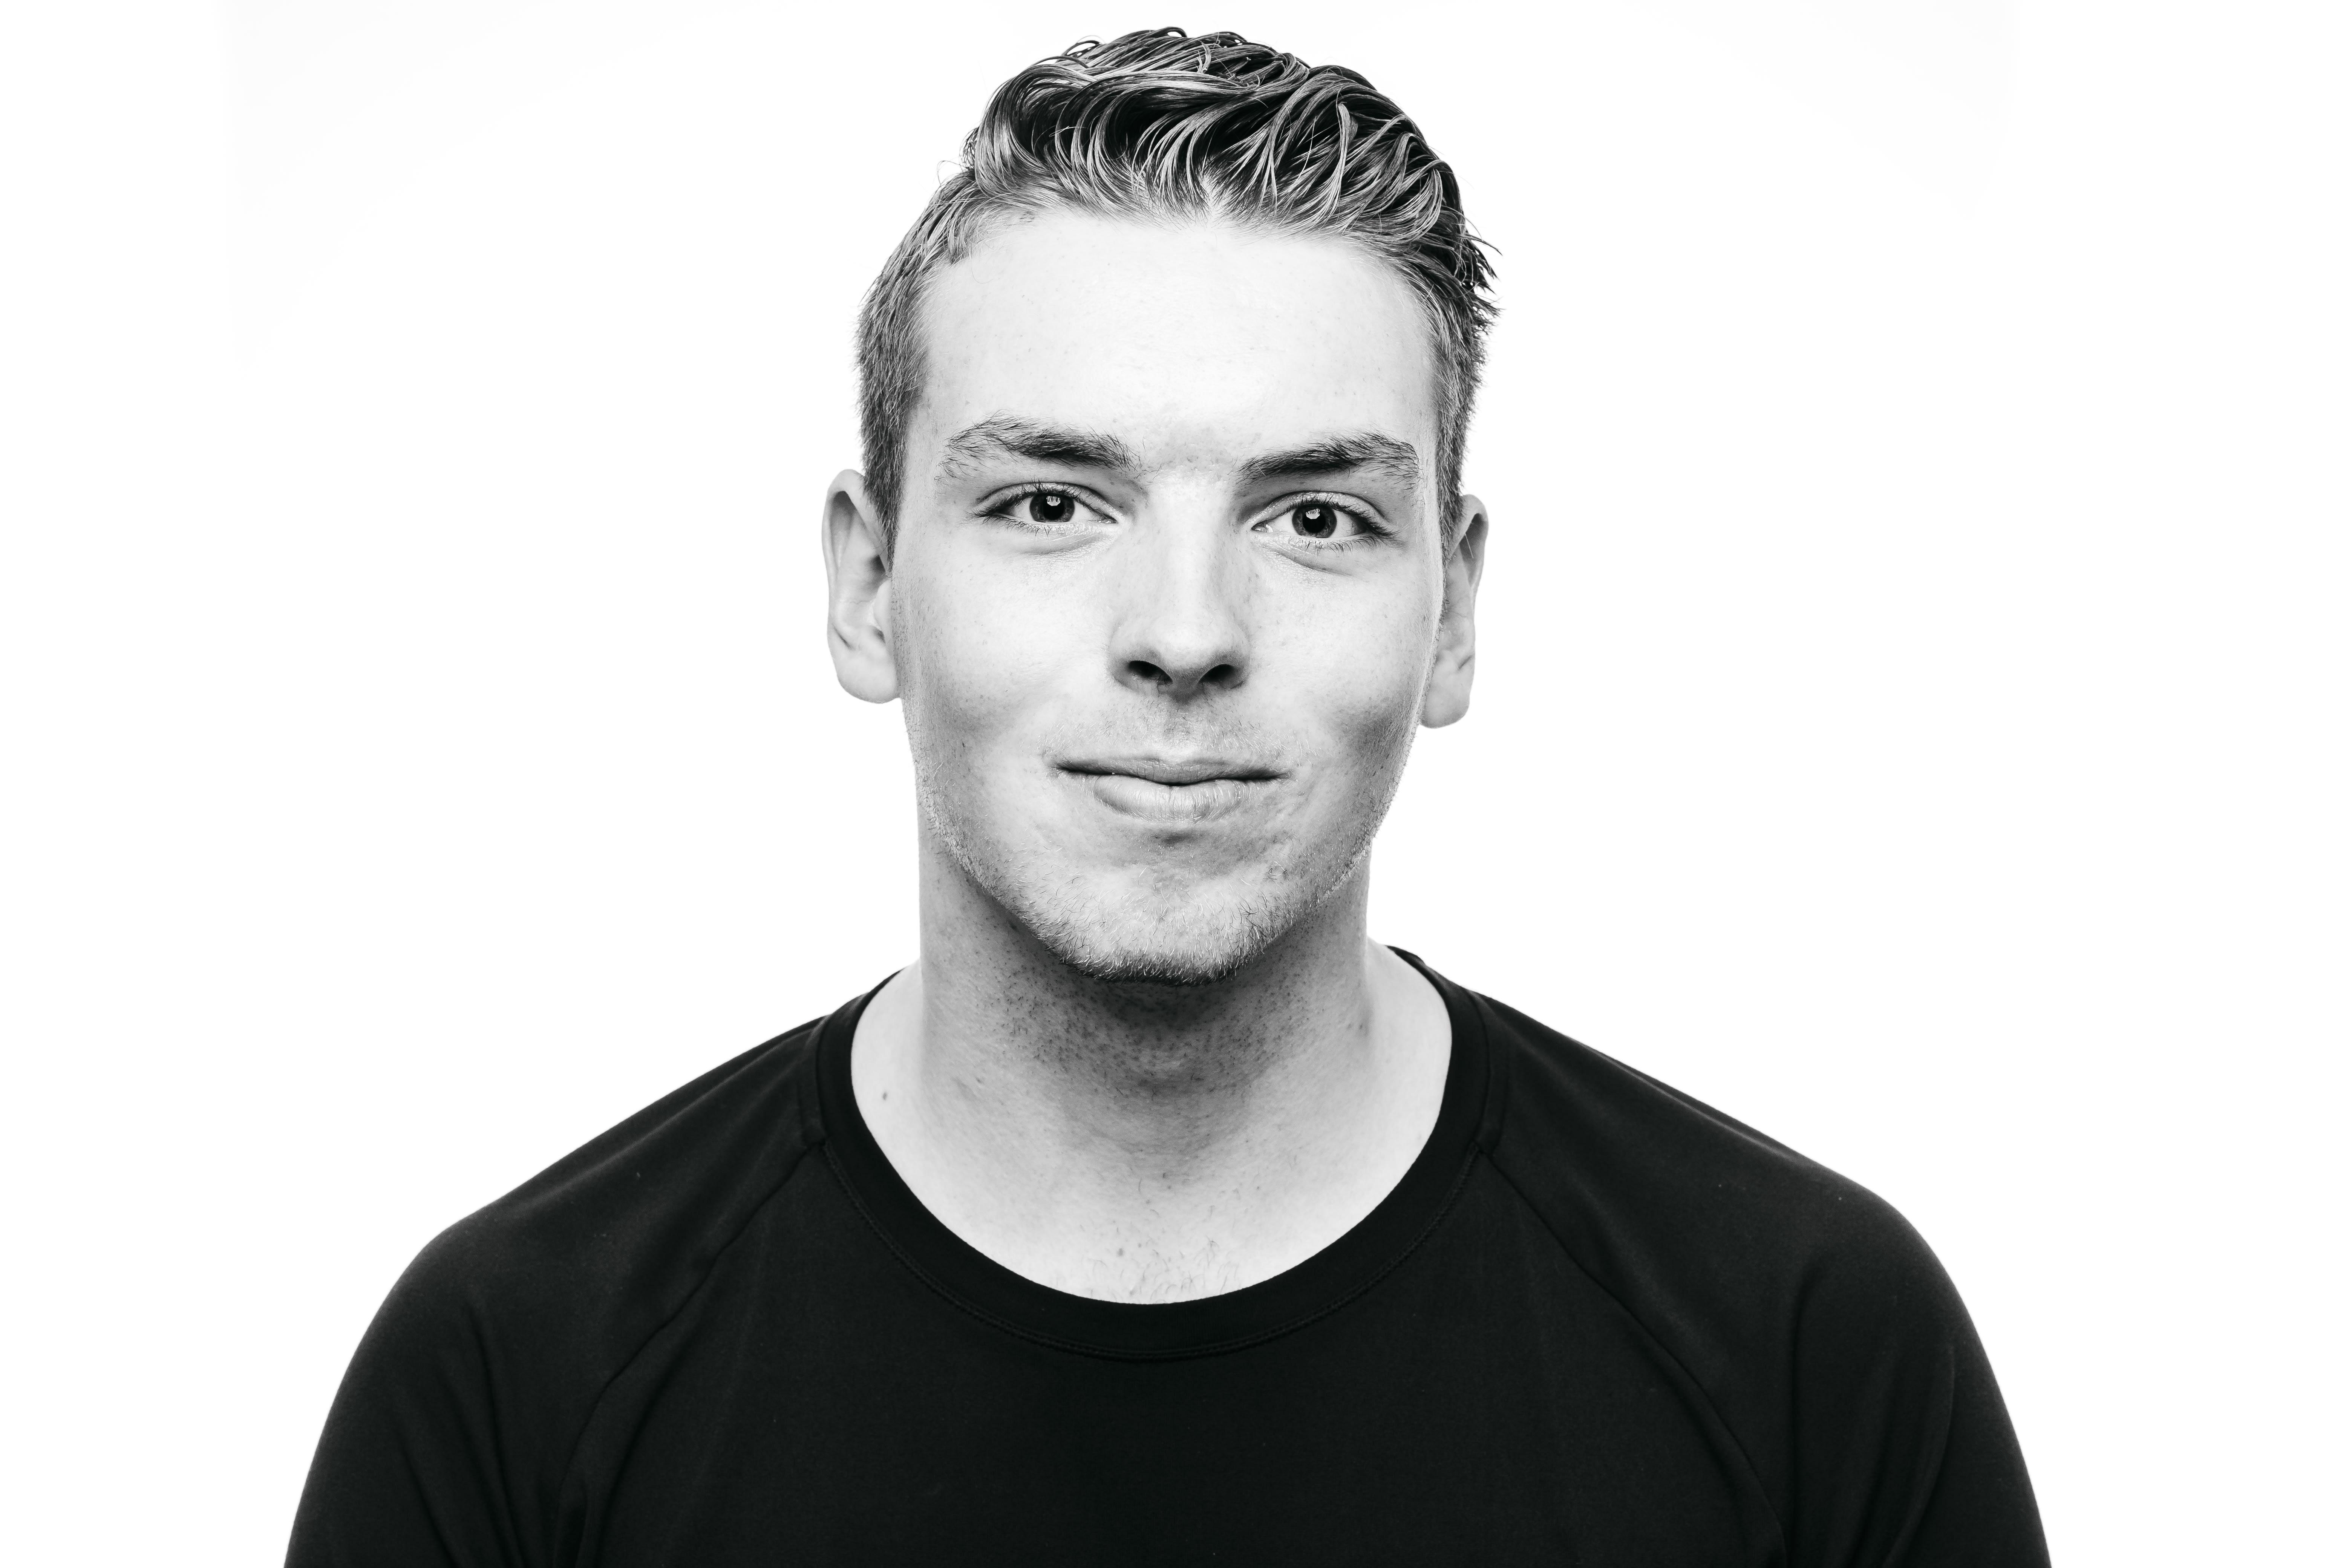 Magnus Christiansen